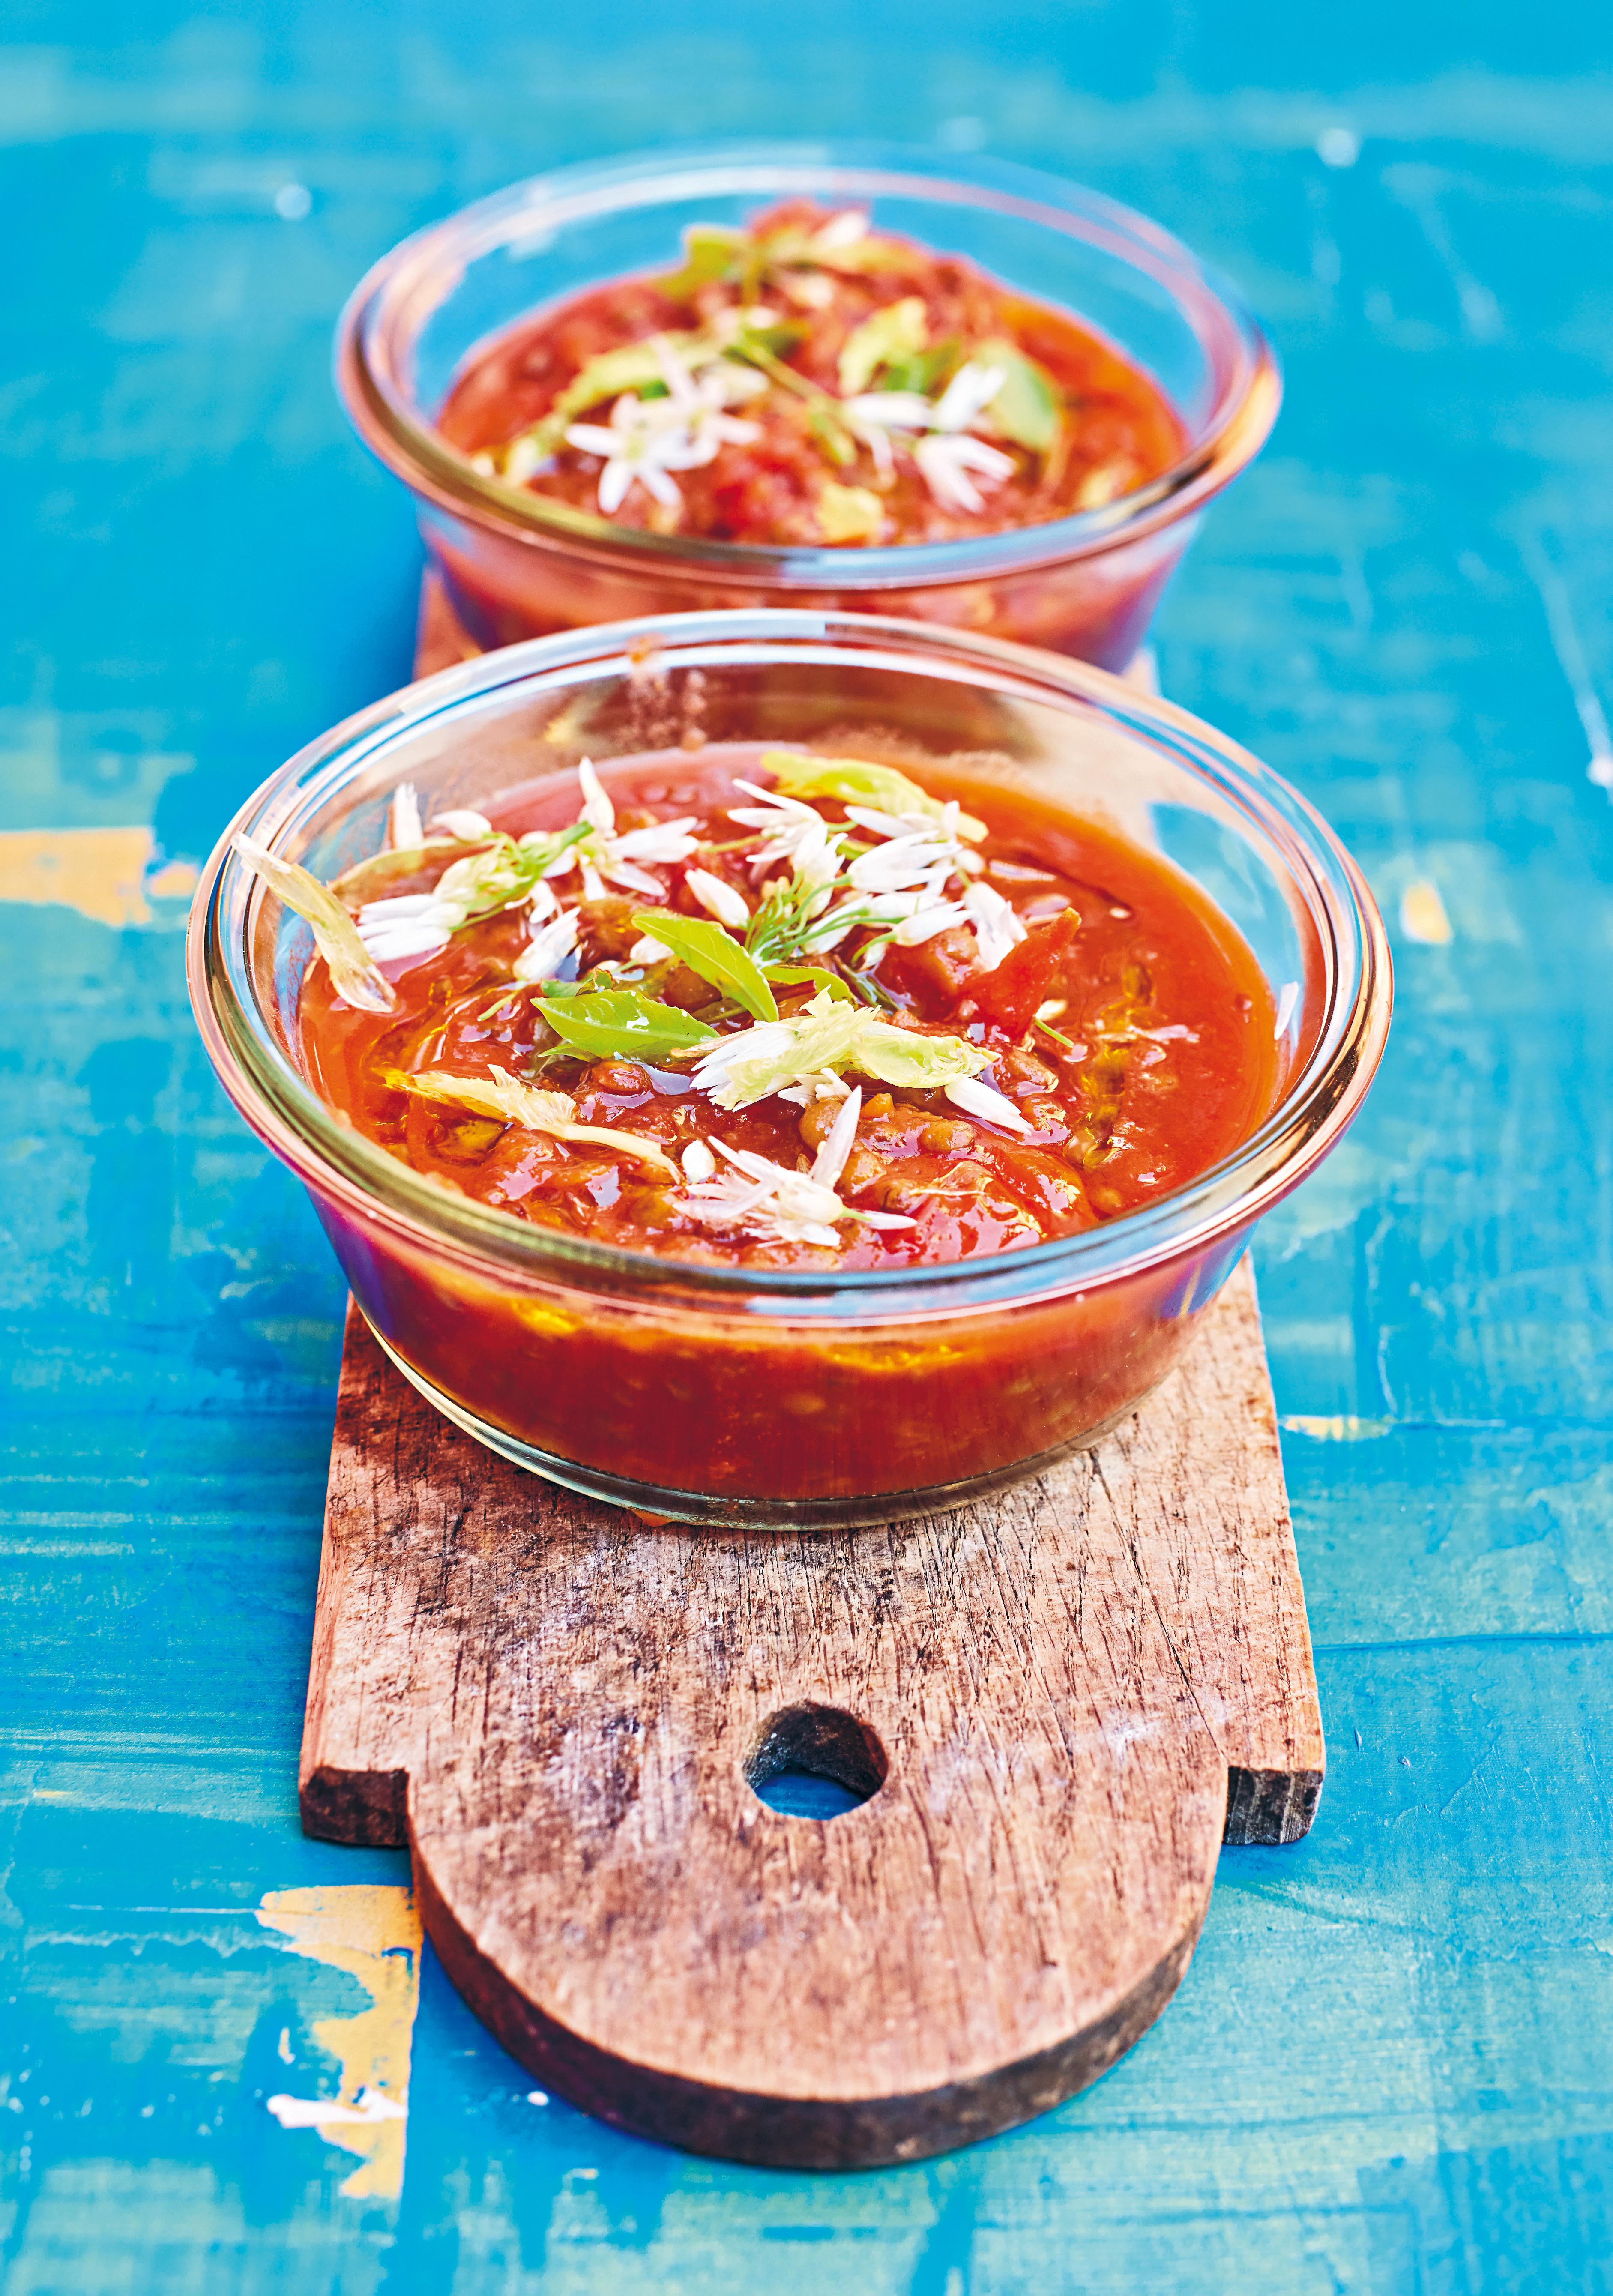 Kliknij: Ostra zupa pomidorowa z soczewicą - przepis z książki Happy Food 2.0